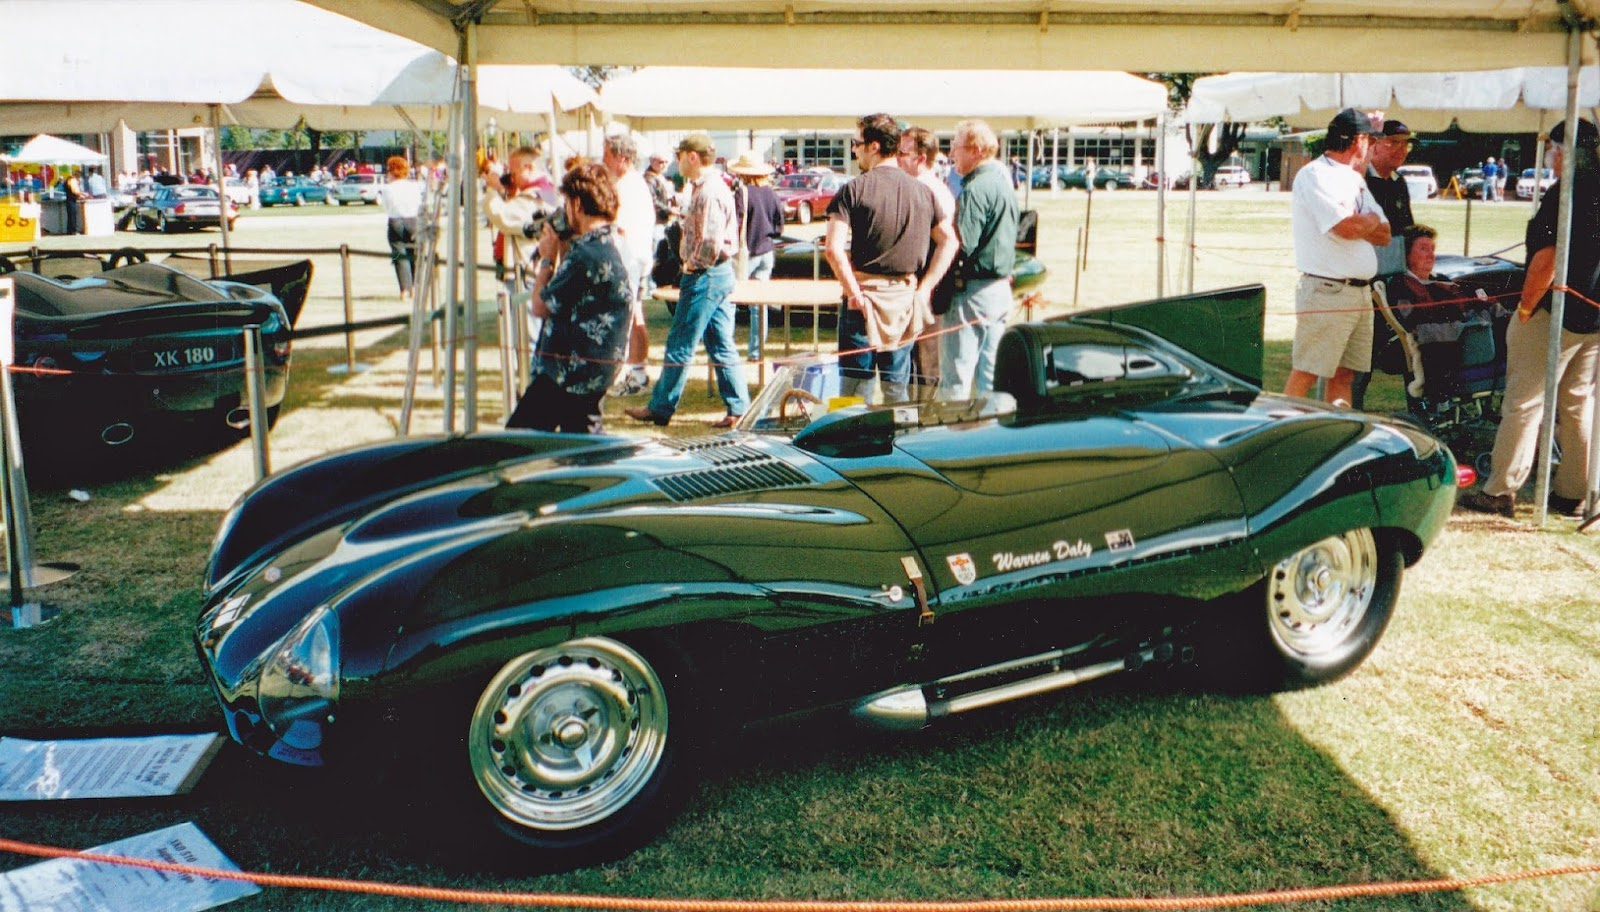 Aussie Old Parked Cars: 1999 Jaguar XK 180 - JDC Sydney